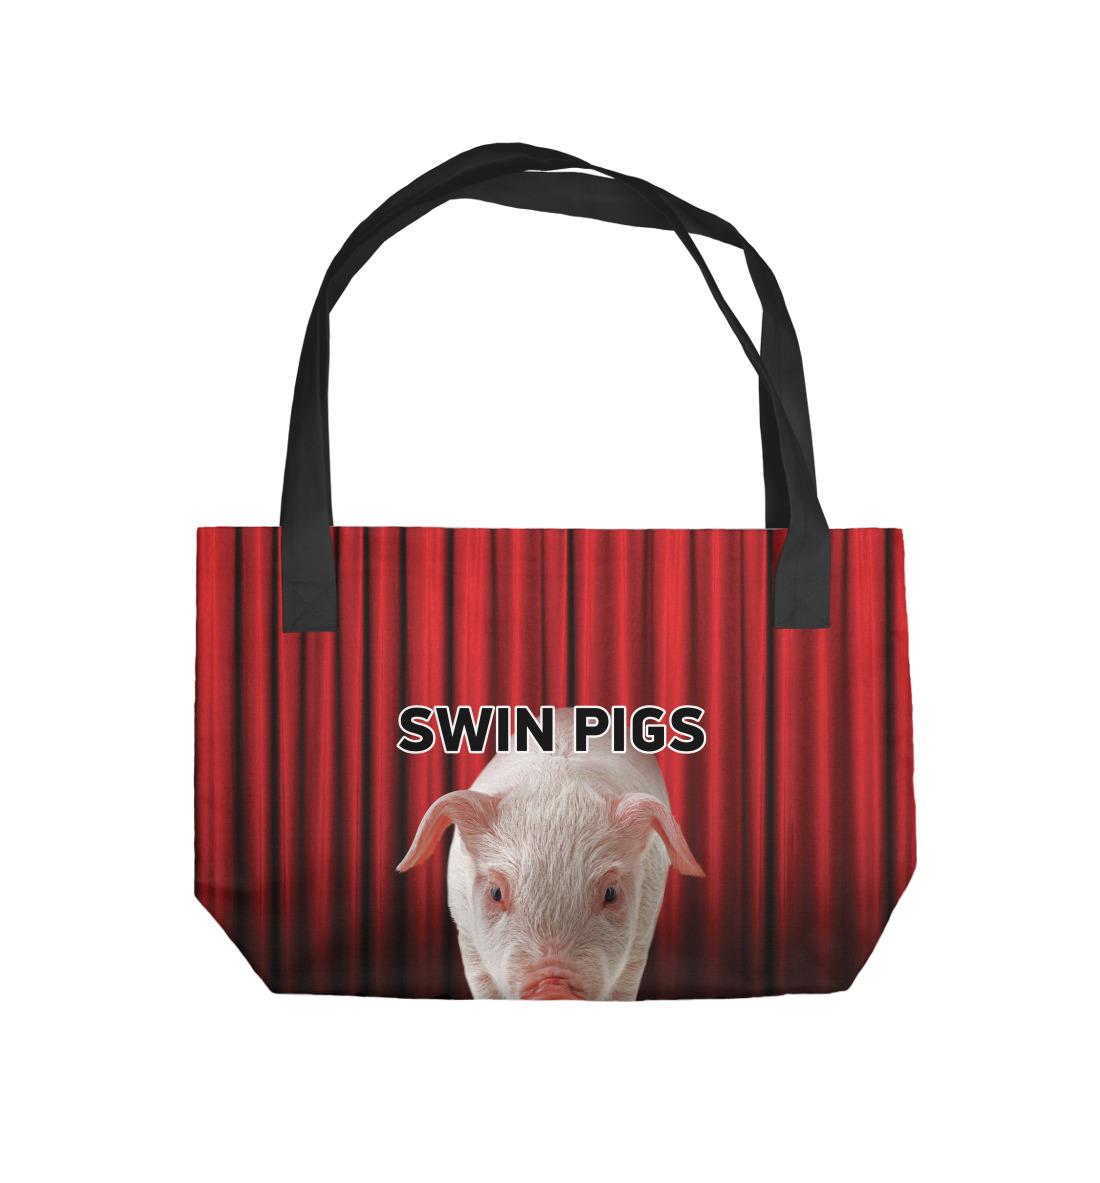 Swin Pigs